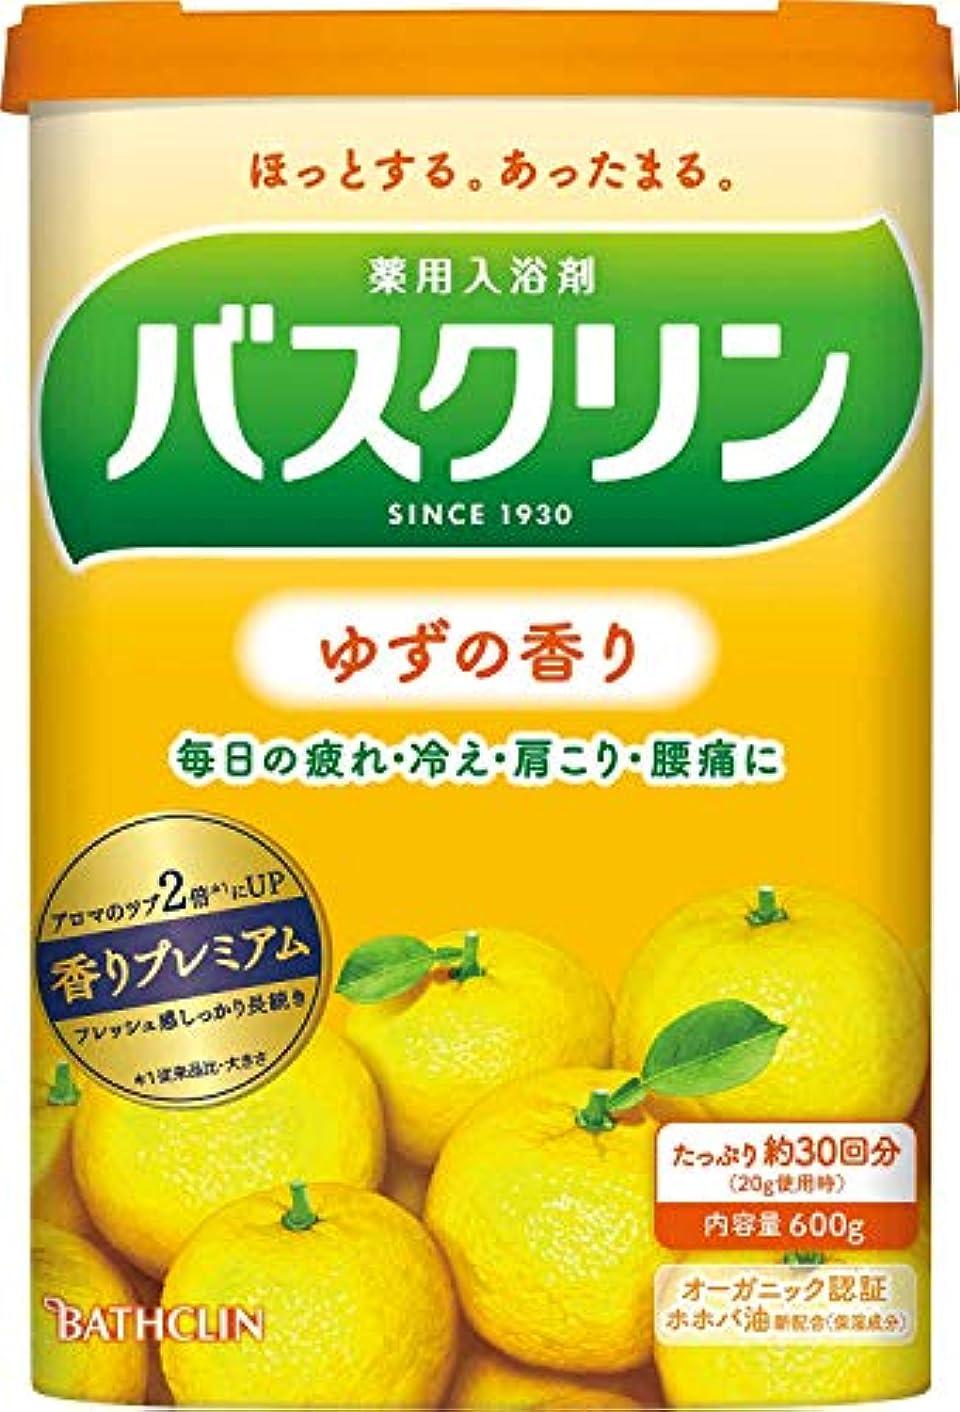 高原パパ報酬【医薬部外品】バスクリン入浴剤 ゆずの香り600g(約30回分) 疲労回復